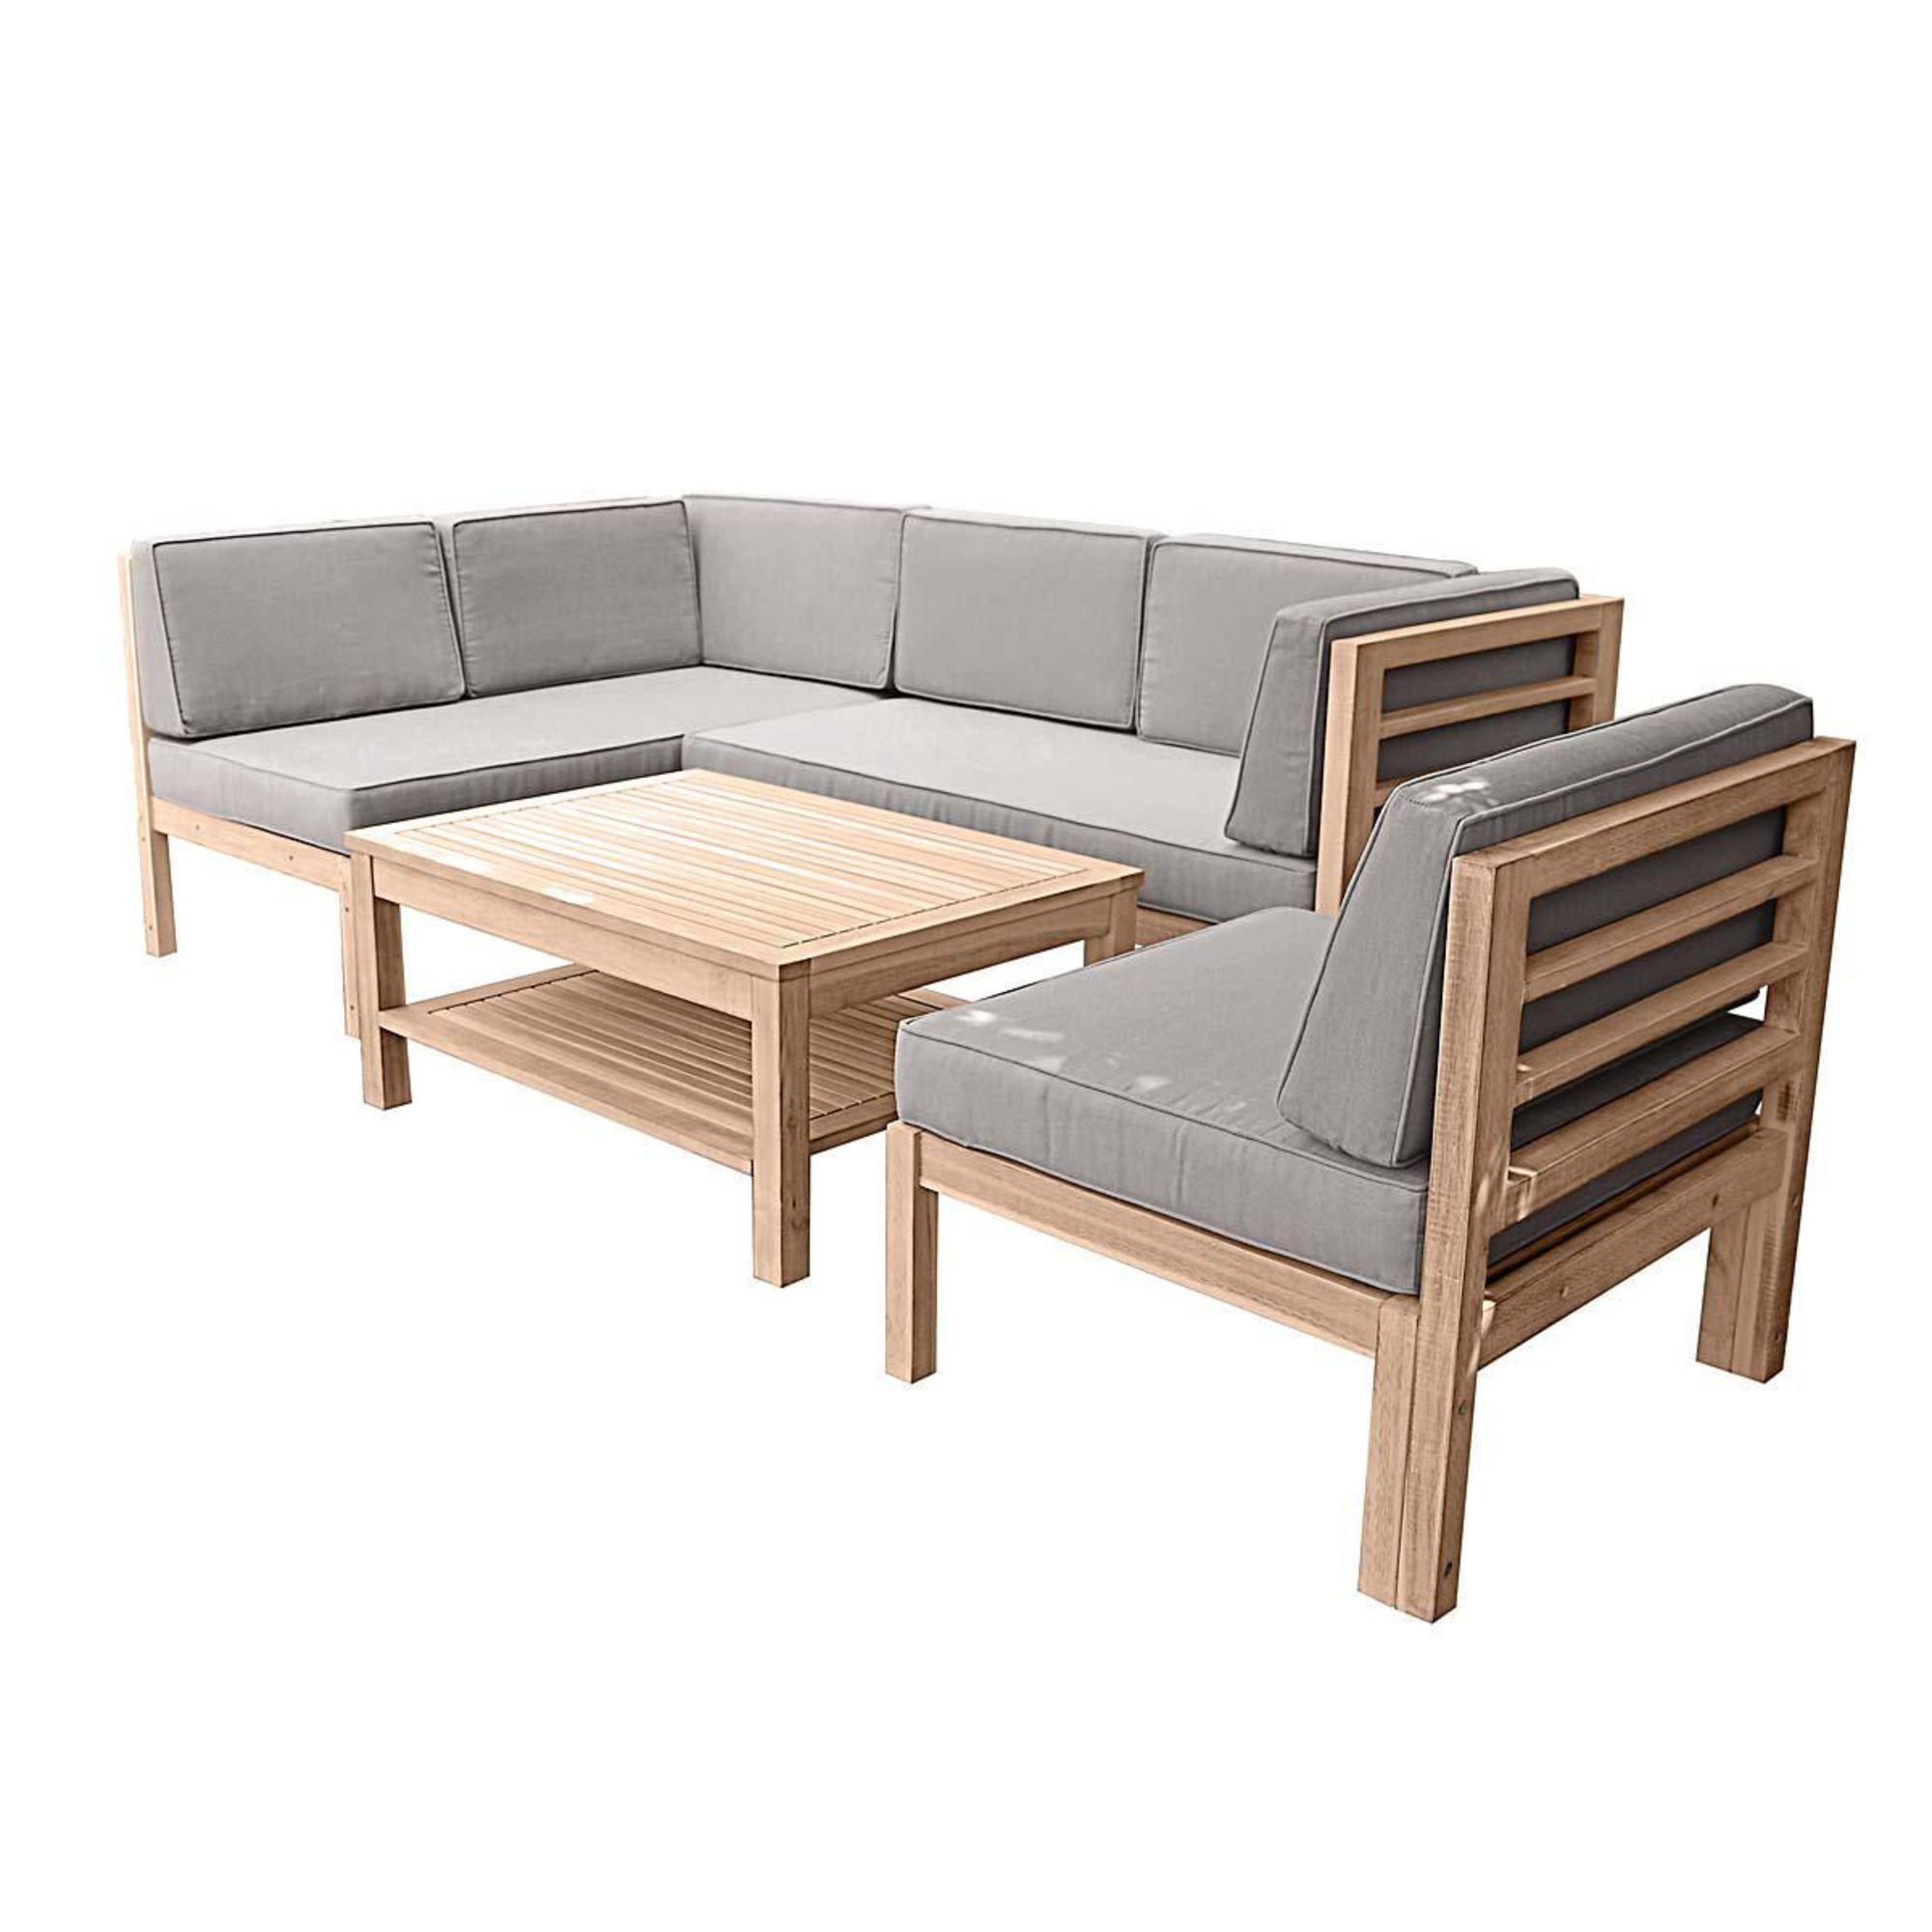 Gartenmöbel Set Lounge Holz sdatec.com